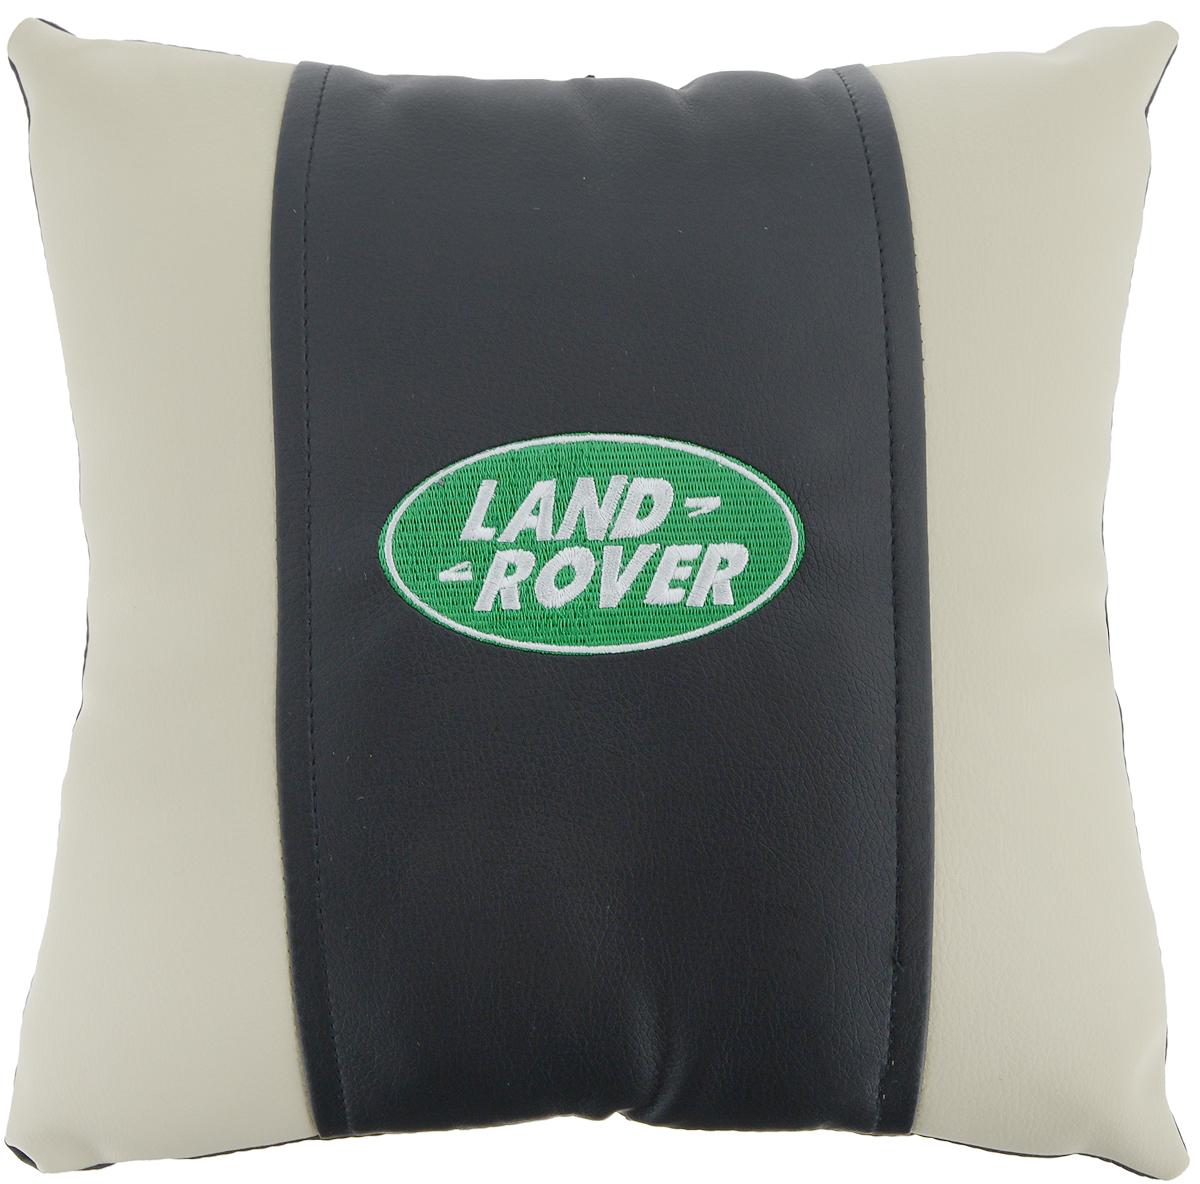 Подушка на сиденье Autoparts Land Rover, 30 х 30 смМ062Подушка на сиденье Autoparts Land Rover создана для тех, кто весь свой день вынужден проводить за рулем. Чехол выполнен из высококачественной дышащей экокожи. Наполнителем служит холлофайбер. На задней части подушки имеется змейка. Особенности подушки: - Хорошо проветривается. - Предупреждает потение. - Поддерживает комфортную температуру. - Обминается по форме тела. - Улучшает кровообращение. - Исключает затечные явления. - Предупреждает развитие заболеваний, связанных с сидячим образом жизни. Подушка также будет полезна и дома - при работе за компьютером, школьникам - при выполнении домашних работ, да и в любимом кресле перед телевизором.